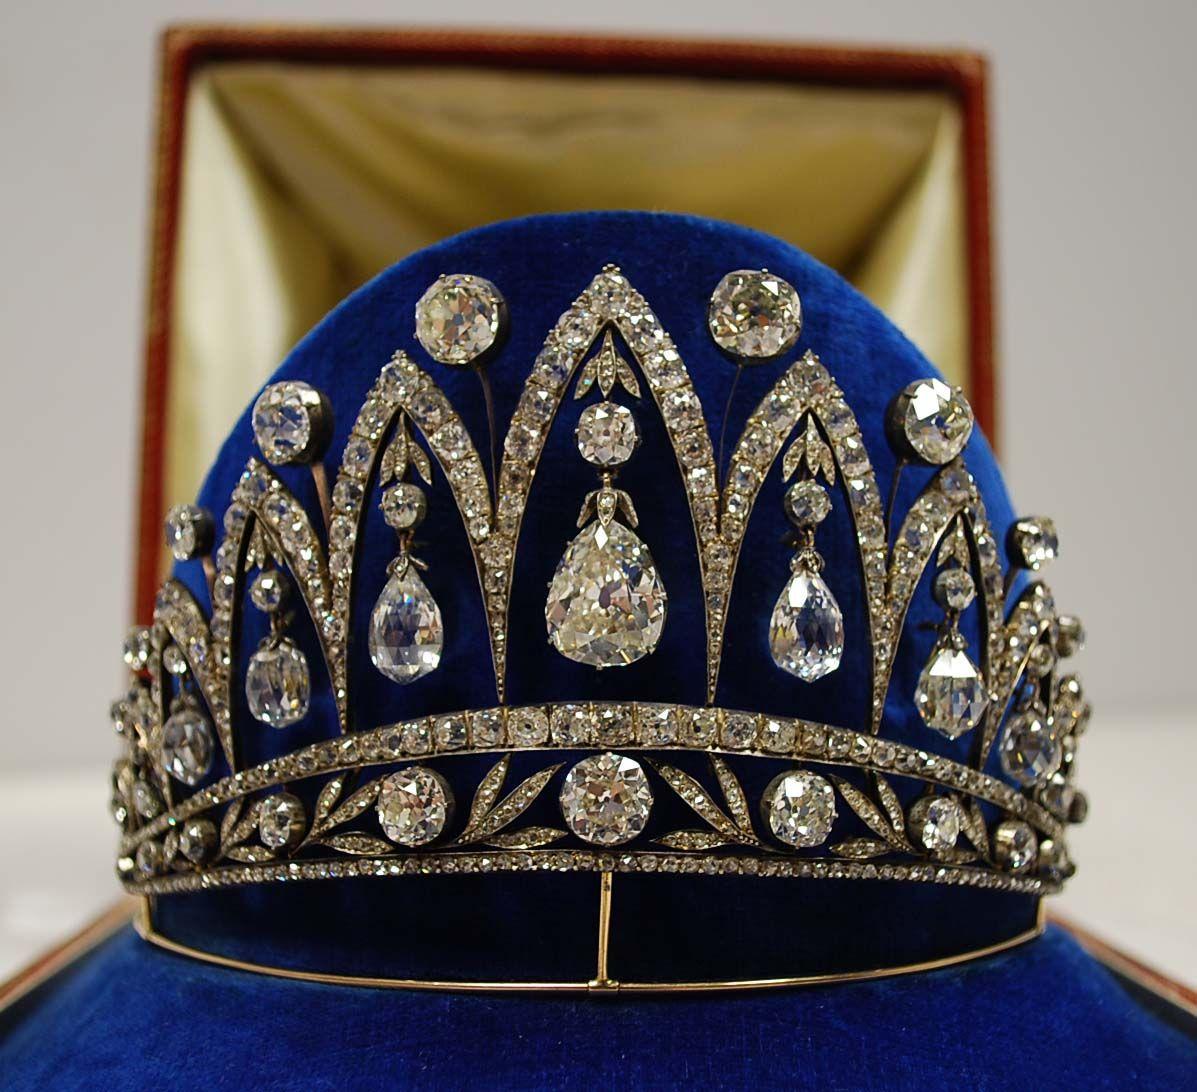 Faberge Diamond Tiara - Bowers Museum (12/27/12)